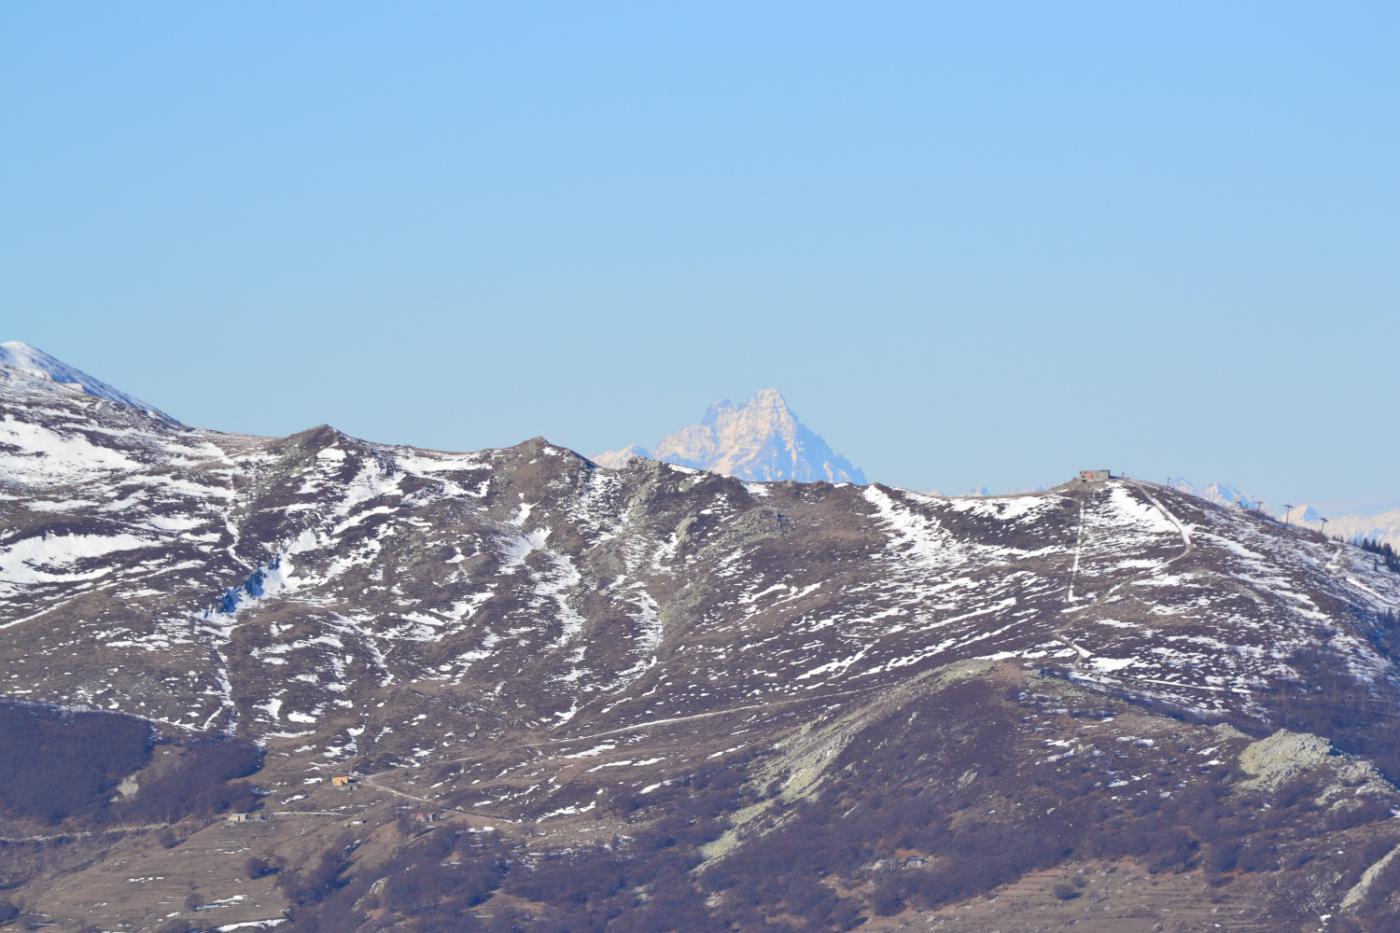 sbuca all'orizzonte la cima del Monviso